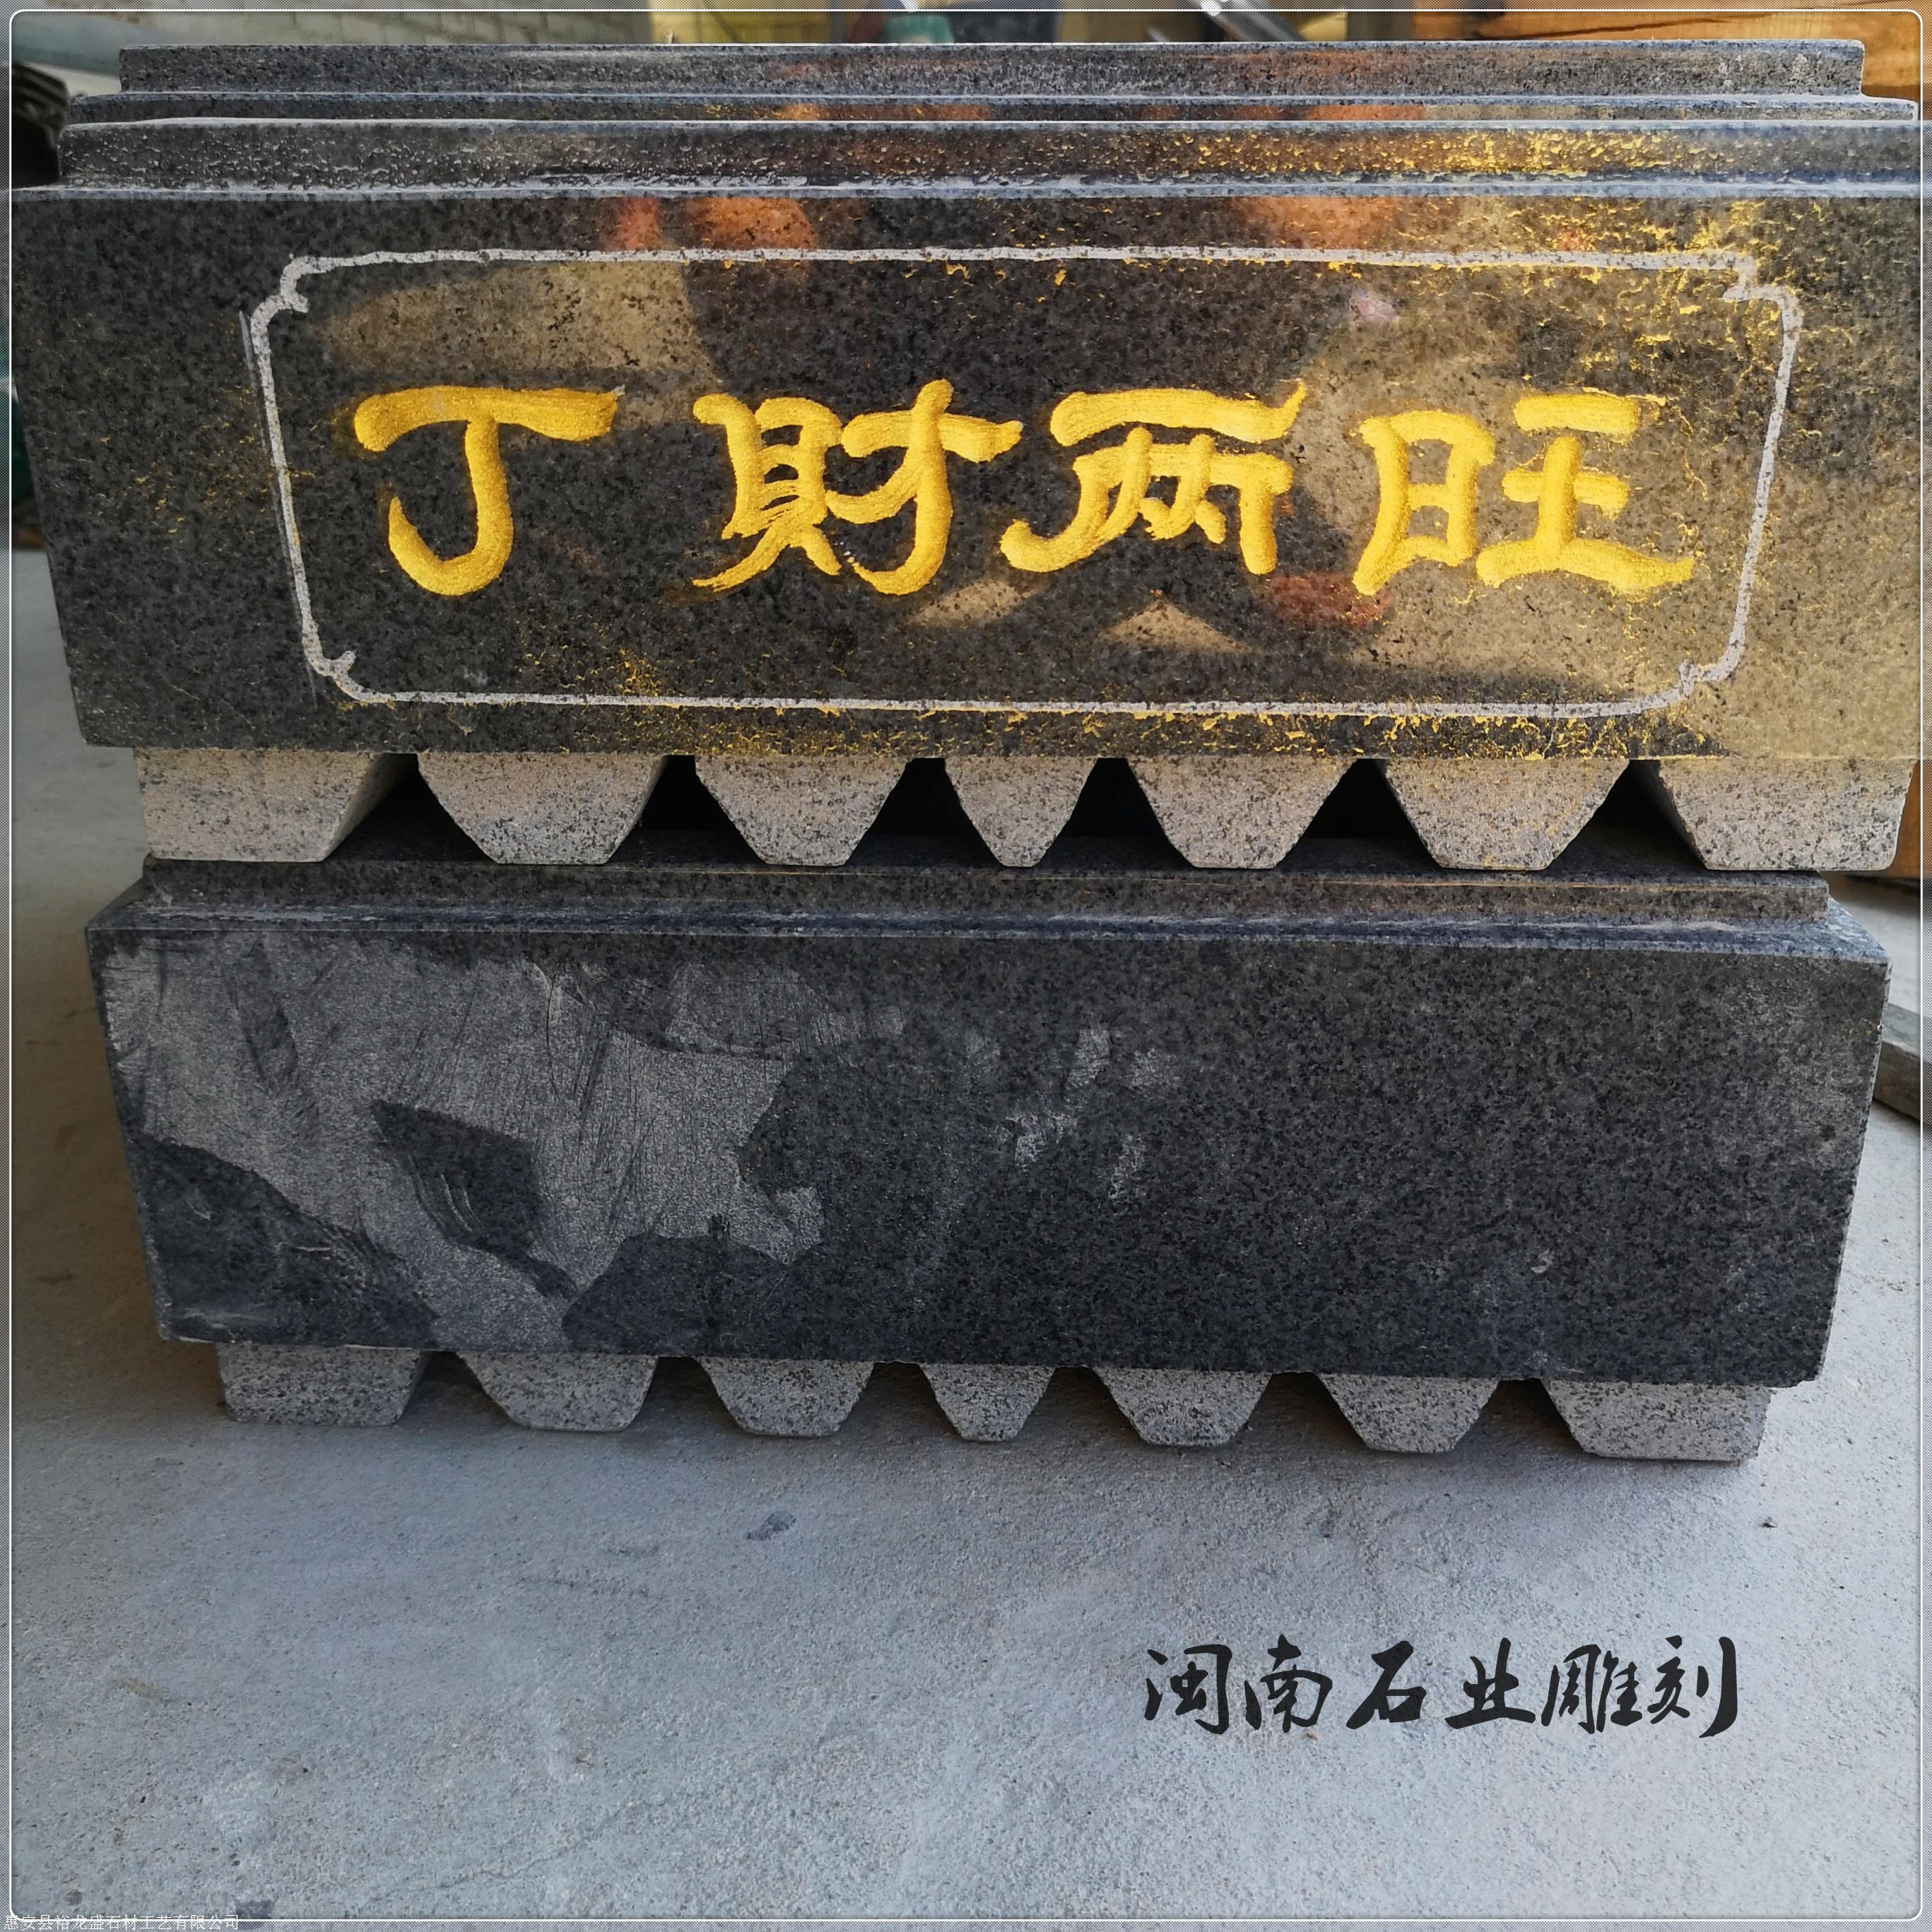 长方形石雕喷鼻炉厂家 长方形喷鼻炉 坟场陵寝喷鼻炉